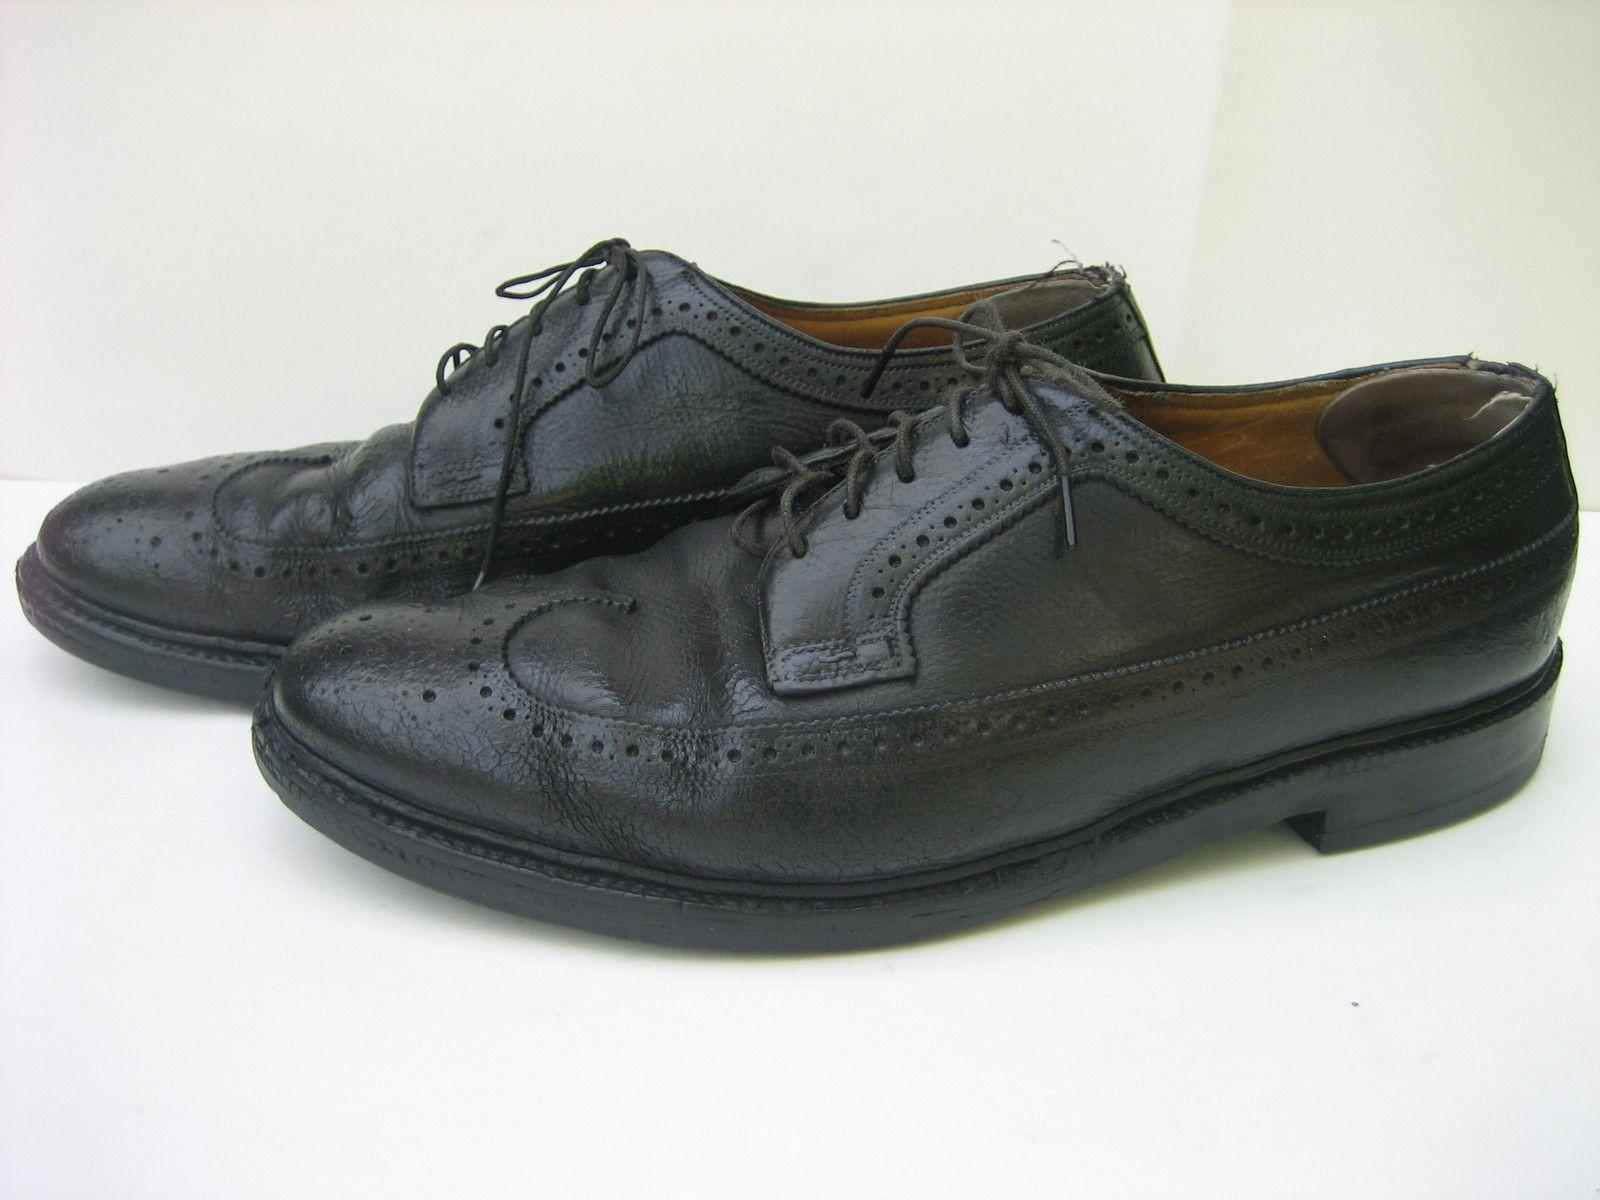 Germany Vintage FLORSHEIM IMPERIAL Black Leather Dress Wing-tip Oxfords, 10  D